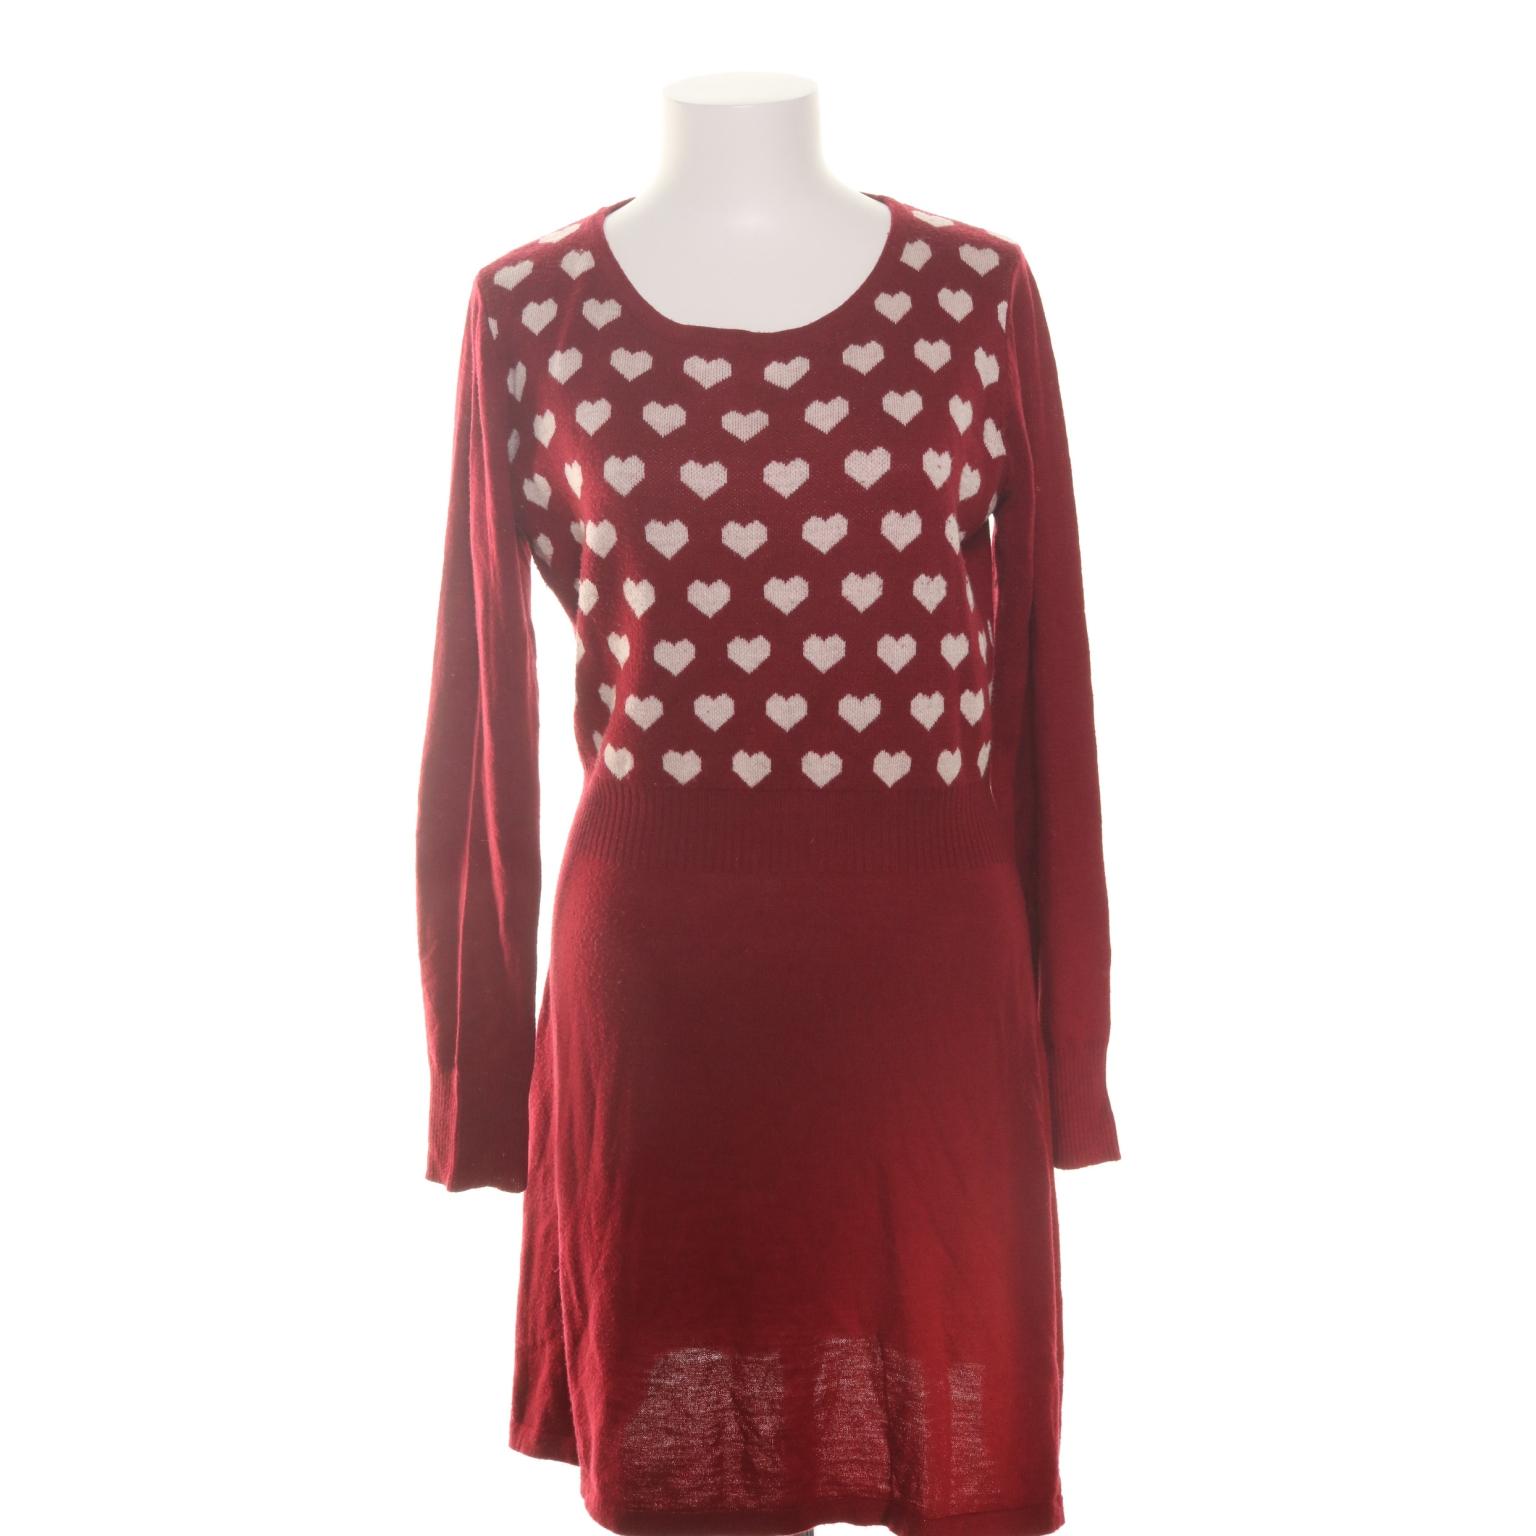 8535a2ec3ec8 Klänning (Röd) från Yumi   Sellpy.se